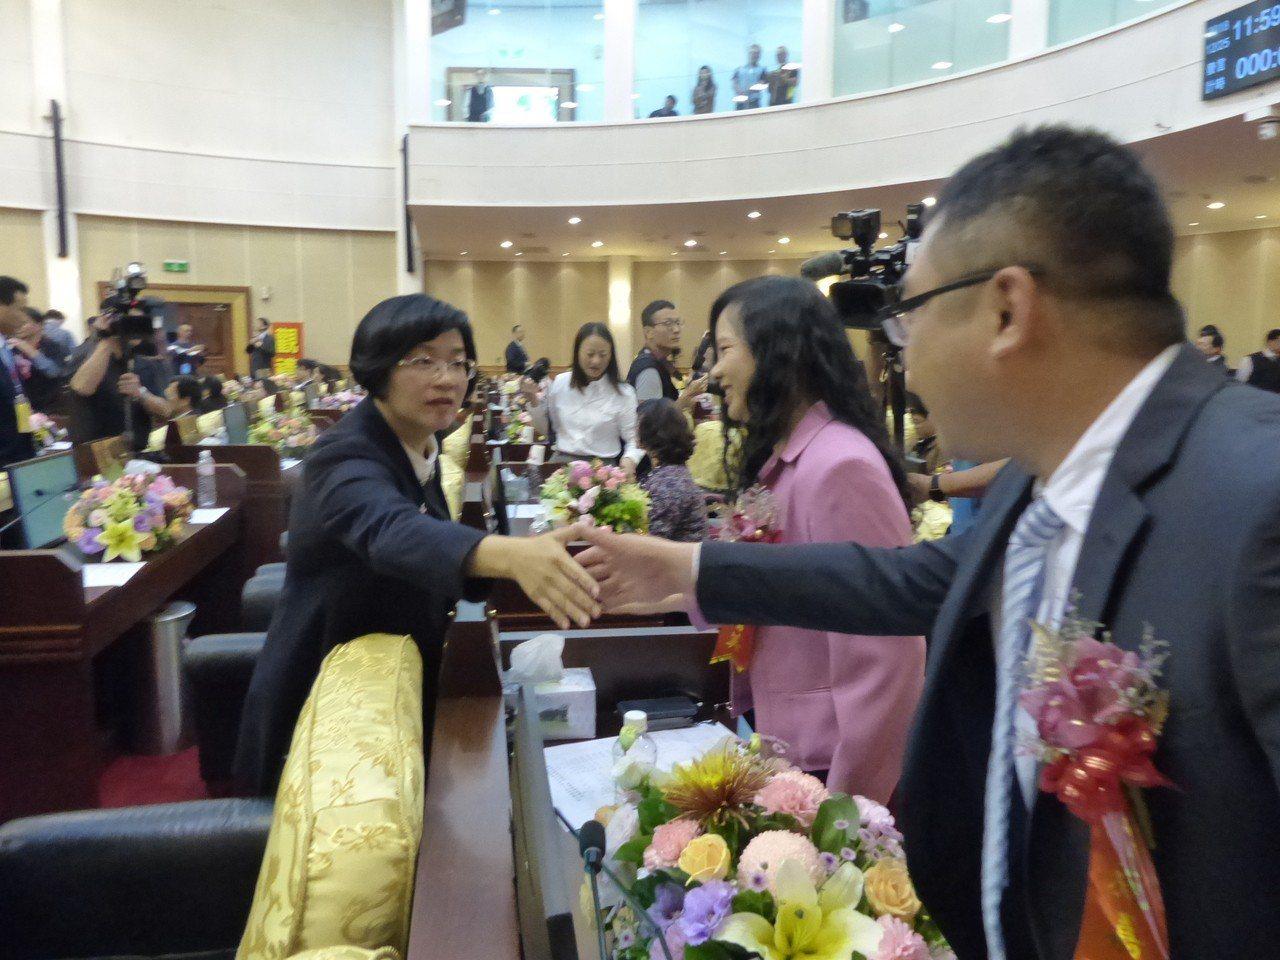 彰化縣正副議長選舉結束,新任縣長王惠美(左)到縣議會向議員致意。記者劉明岩/攝影